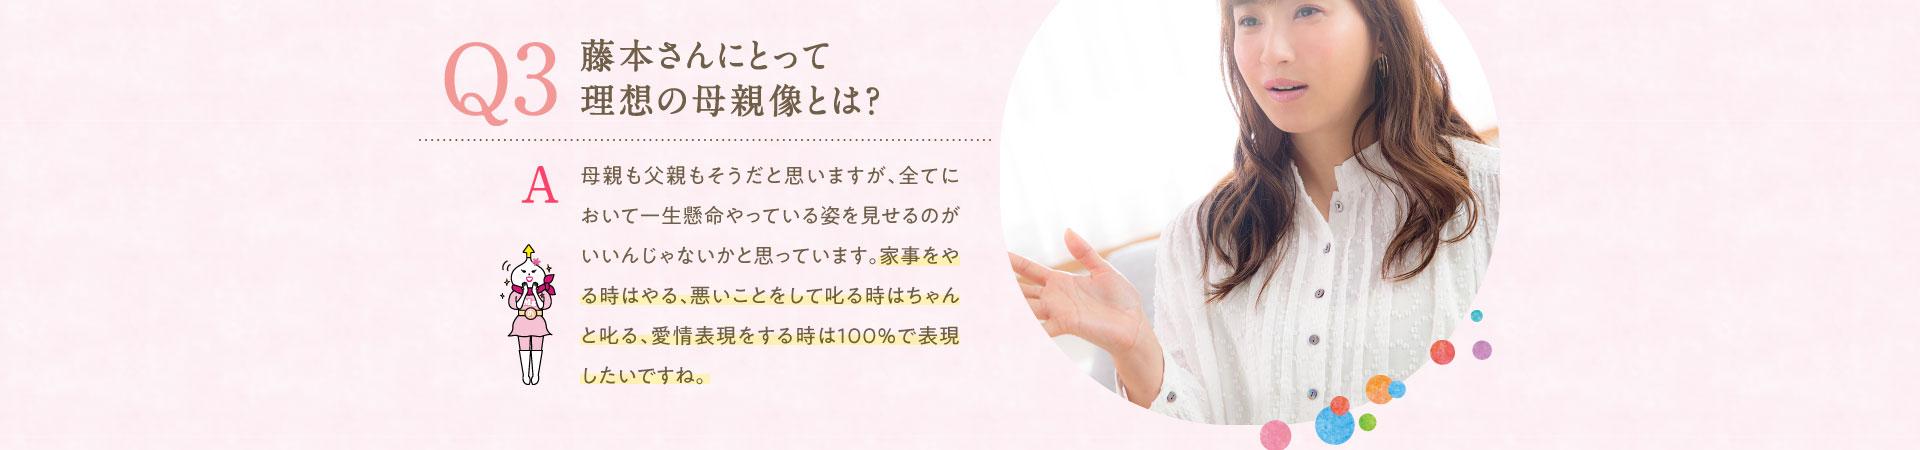 Q3 藤本さんにとって理想の母親像とは?